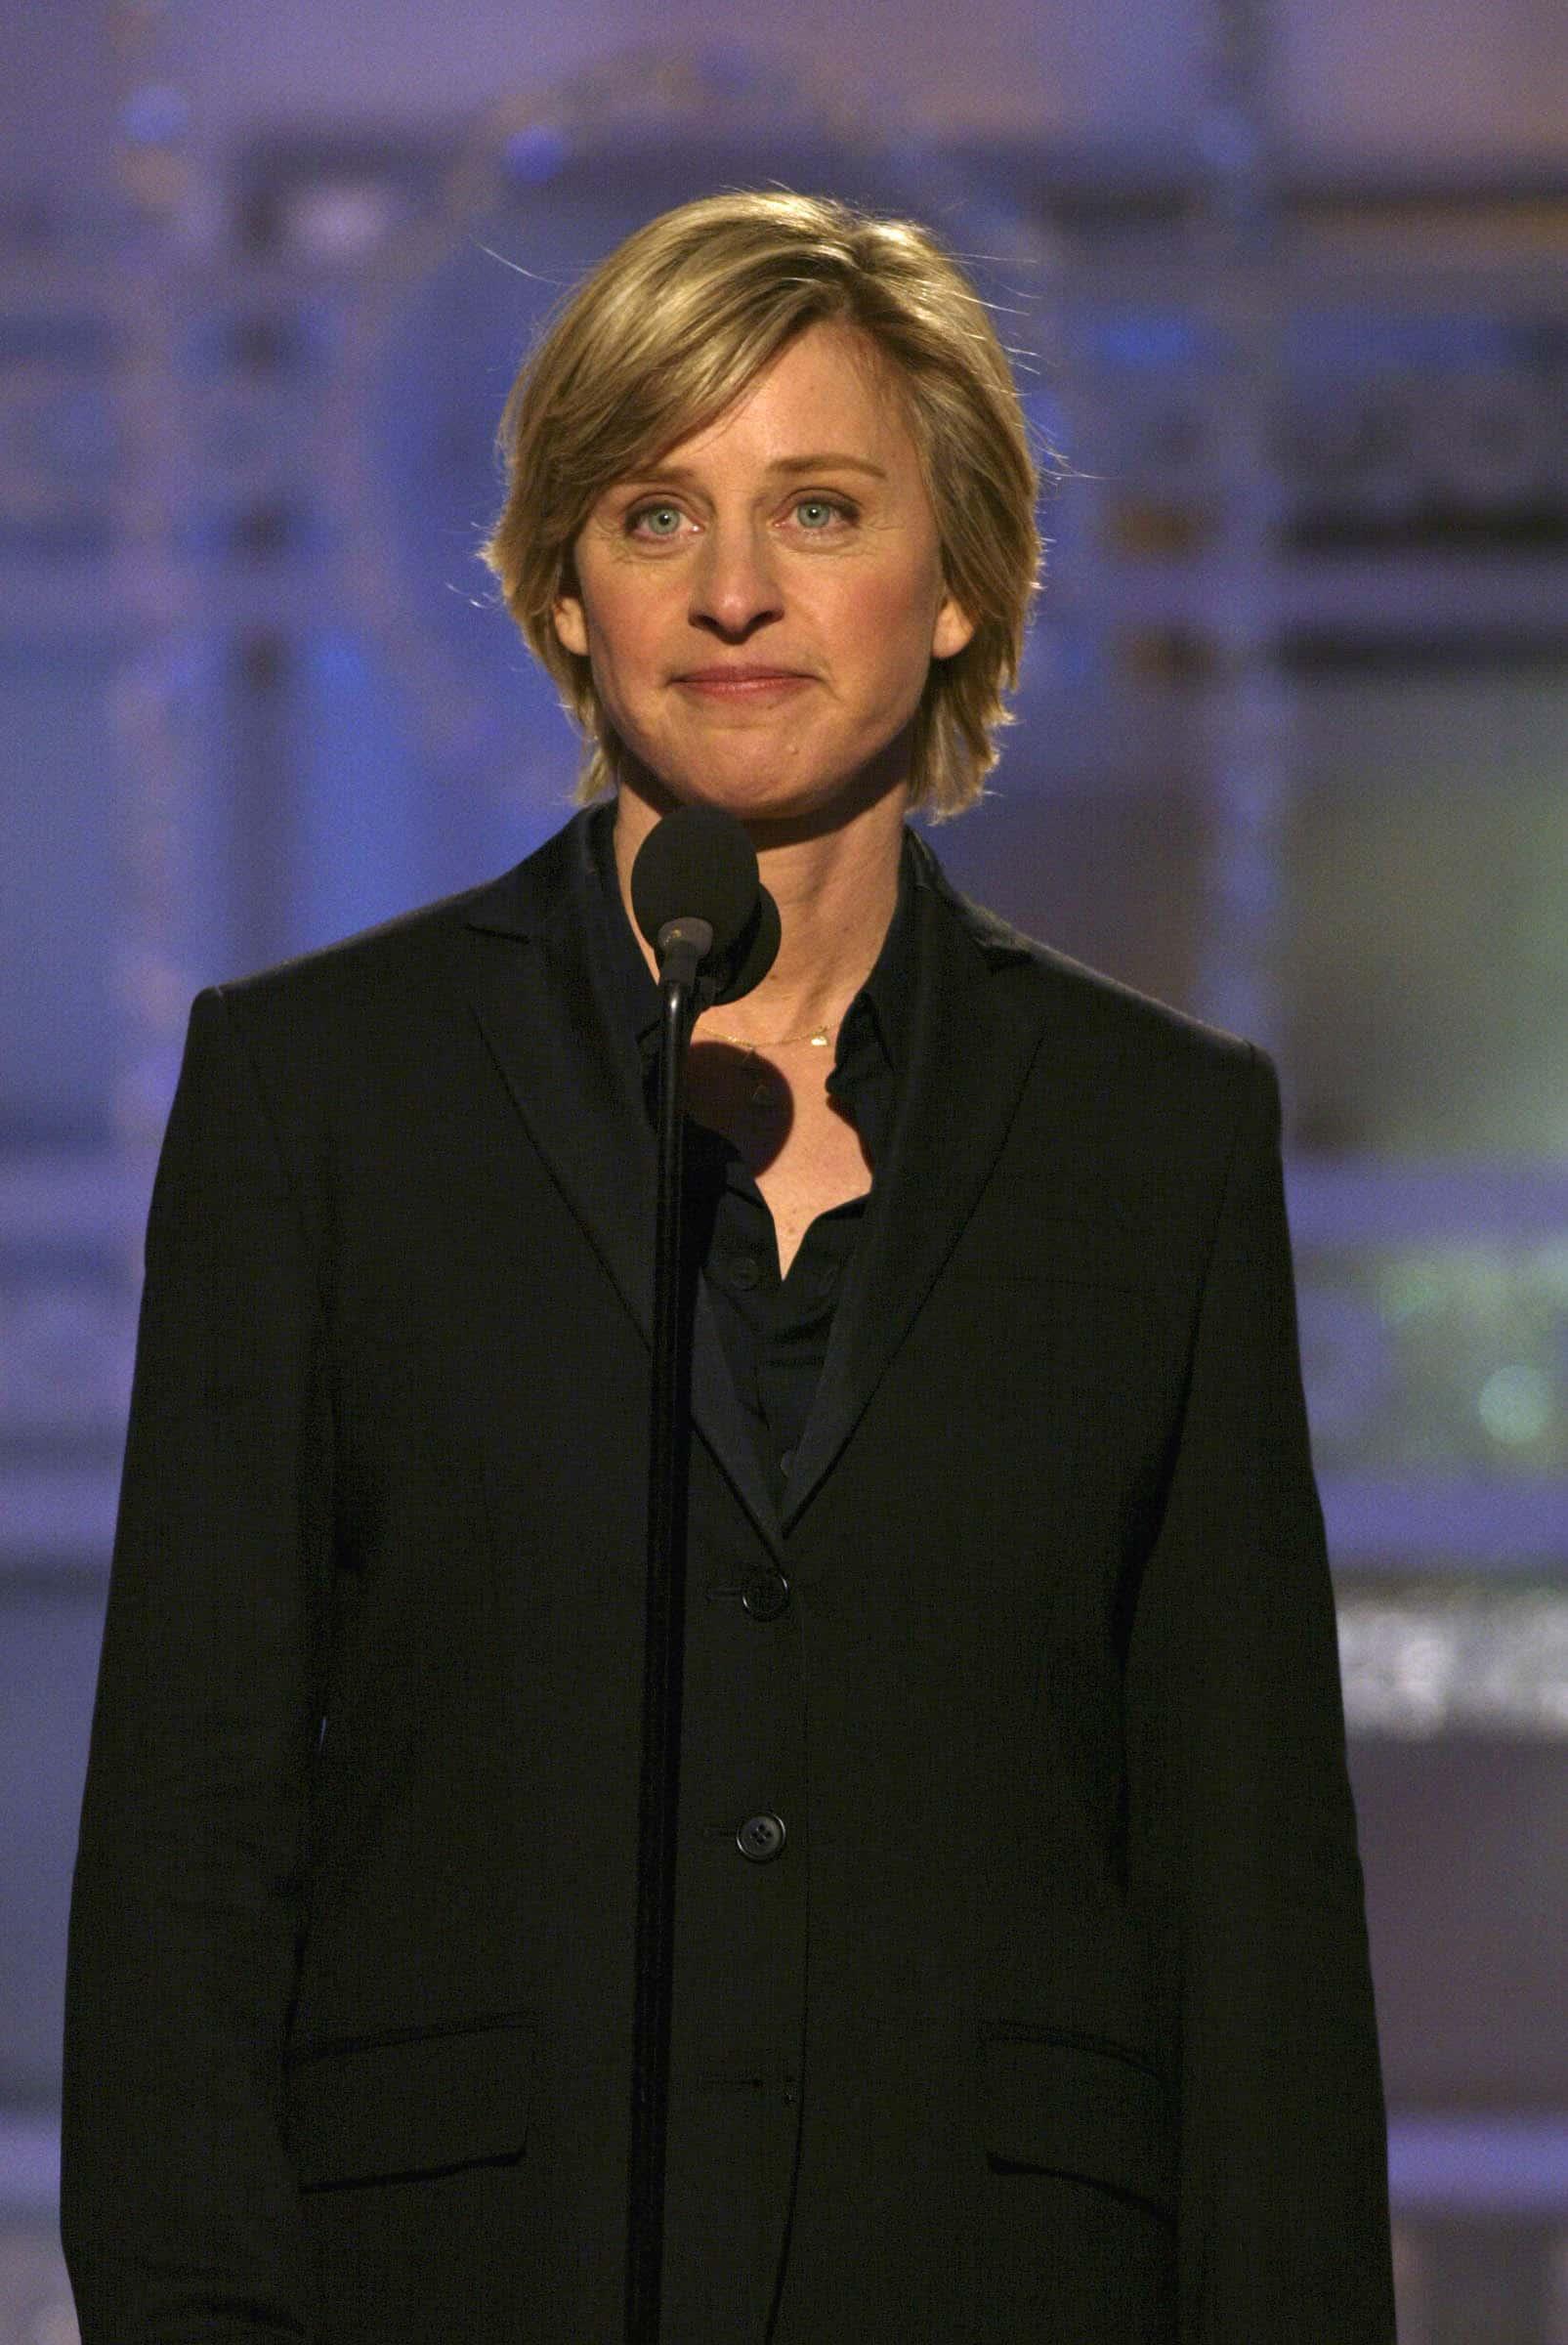 Ellen Degeneres at the GOLDEN GLOBE AWARDS